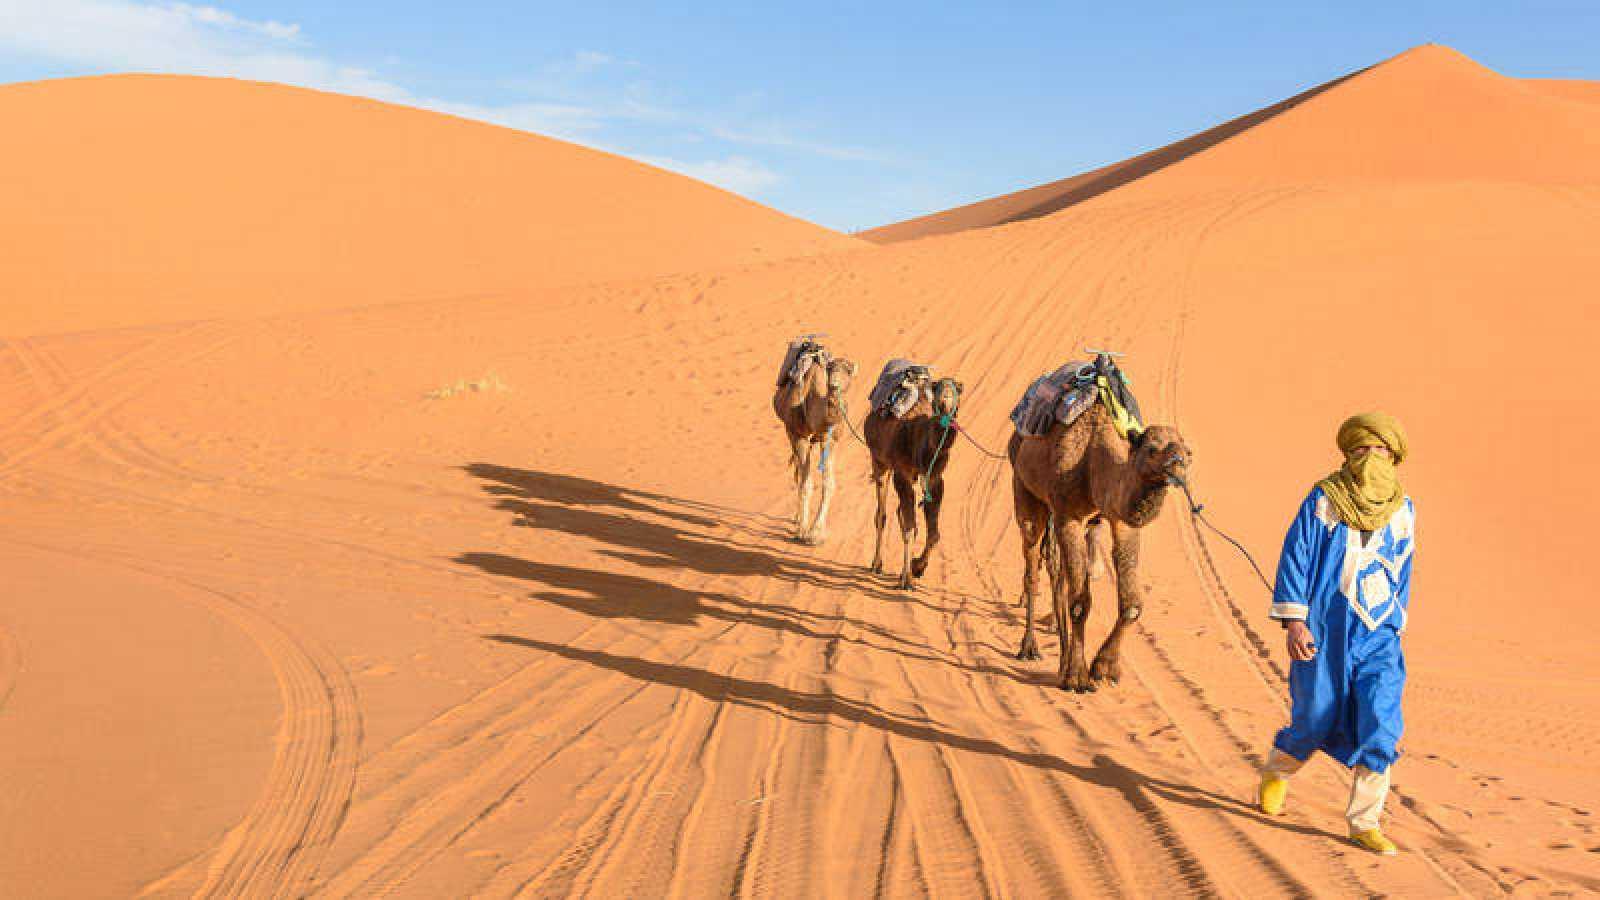 Desierto Del Sahara Mapa.Los Pastores Podrian Haber Participado Activamente En La